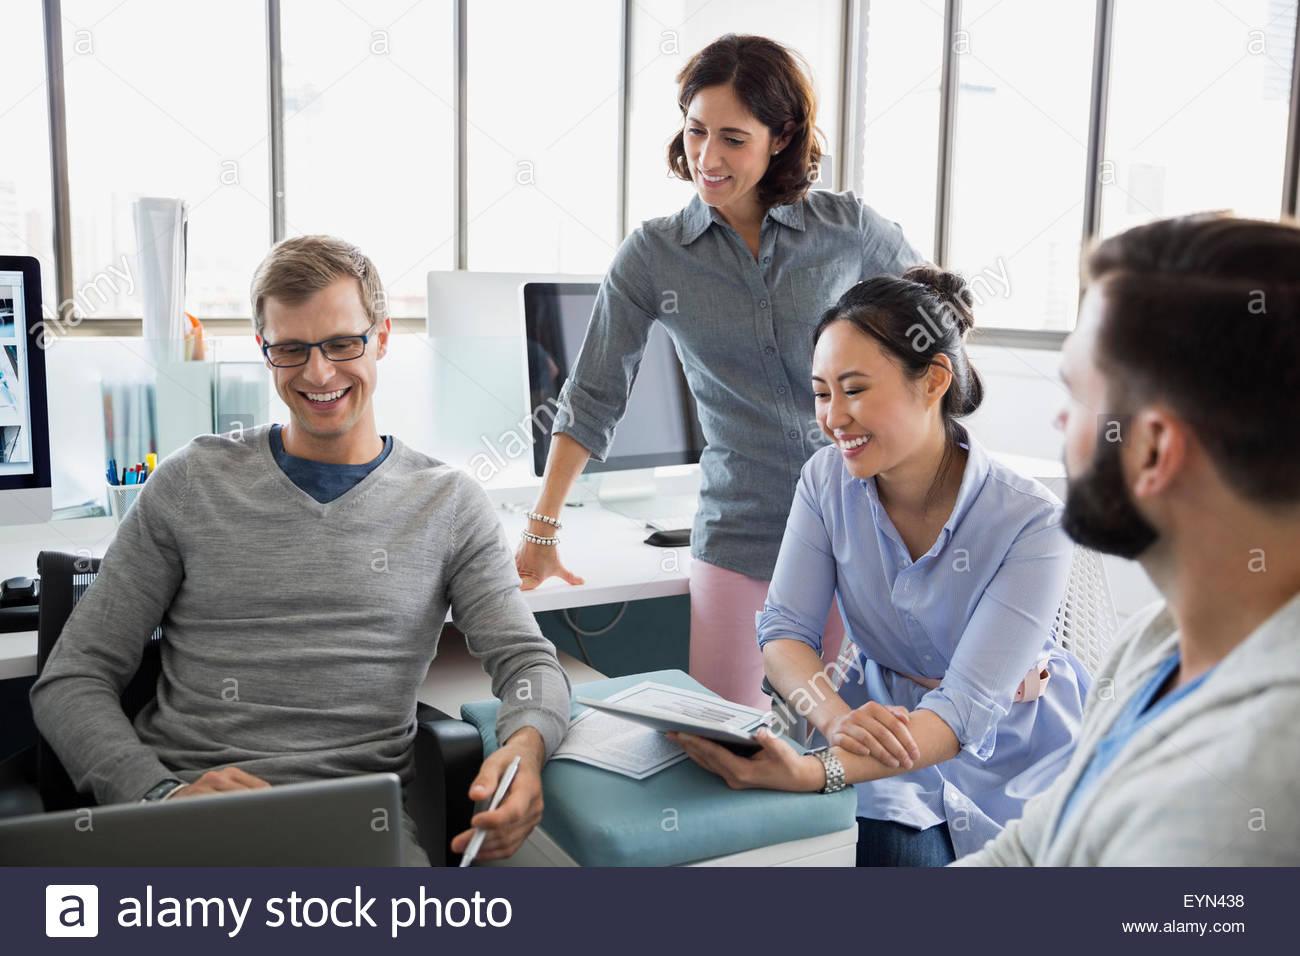 Reunión de gente de negocios con un portátil en la oficina Imagen De Stock